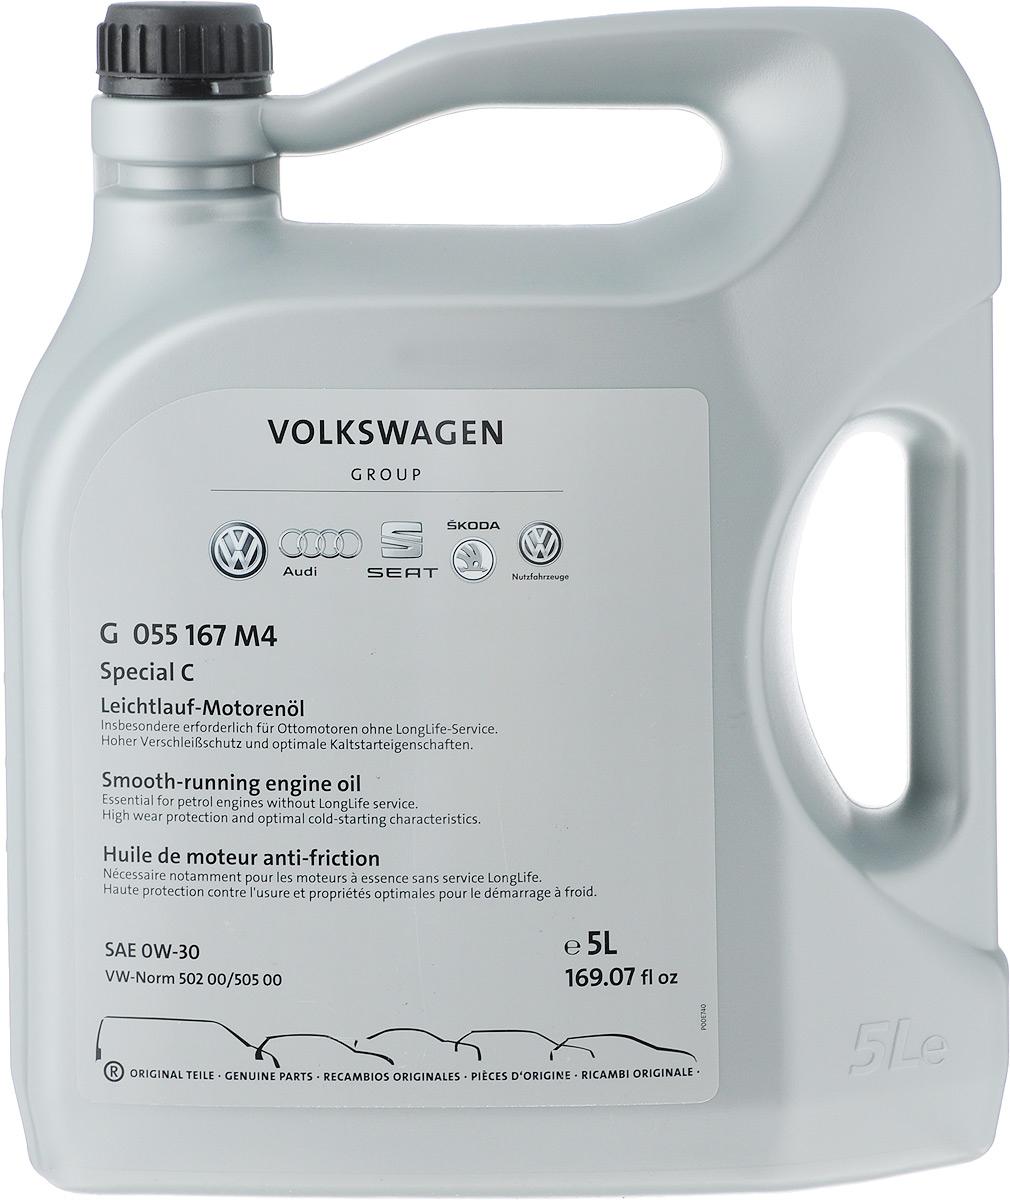 Моторное масло VAG Special C, класс вязкости 0W-30, 5 л531-125Масло оригинальное VAG Special C 0W30 рекомендовано заводом Фольксваген с 2014 года для двигателей TSI объемом 1.8 и 2.0 л, в том числе вместо LongLife 3 VW 504/507. Межсервисный интервал замены не более 10000 км, в отличие от масла G052195M4 ( интервал замены 15000 км). Обеспечивает низкотемпературный пуск двигателя при температурах до минус 40 градусов, повышенную стойкость к шлакообразованию и загрязнению, значительно меньше угорает в процессе эксплуатации из-за уменьшения испаряемости. Допуски OEM: VW 505 00; VW 502 00.Товар сертифицирован.